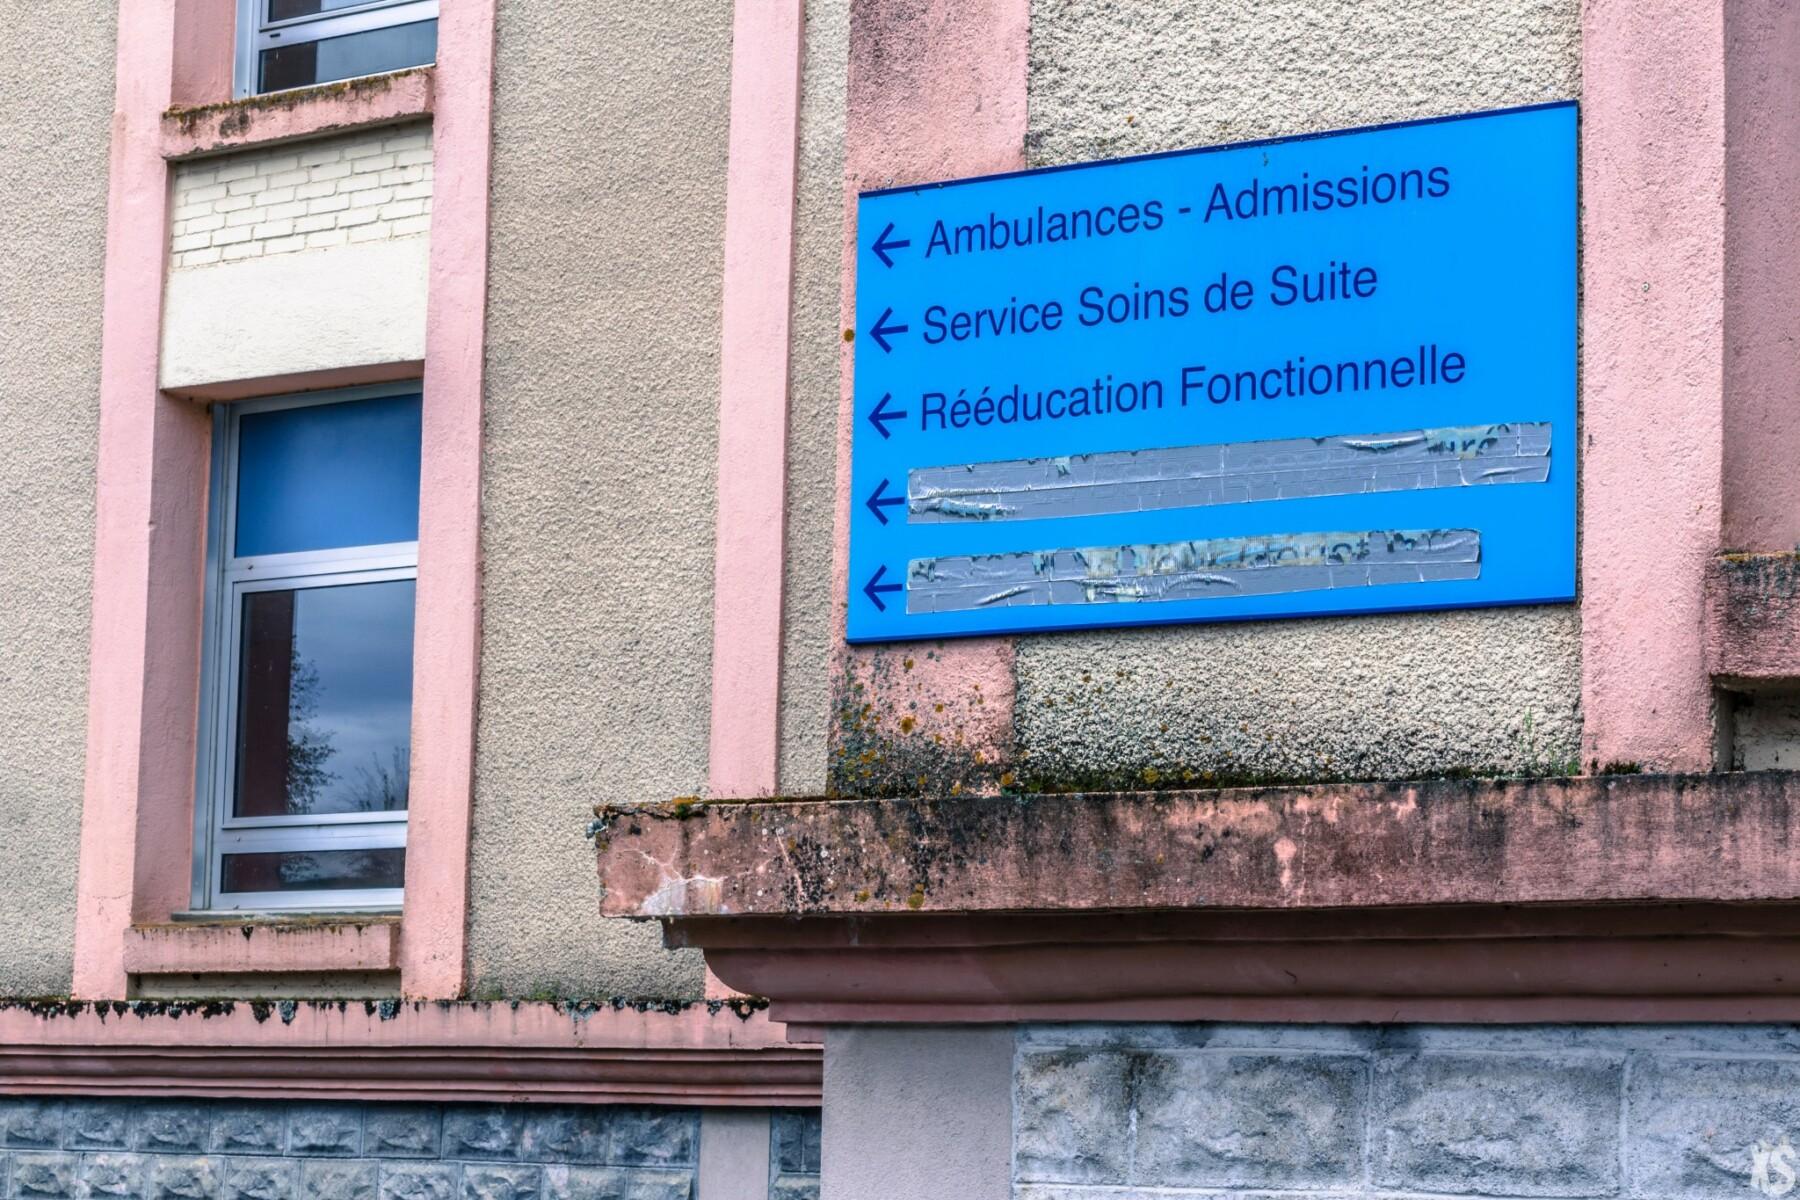 sanatorium-eugene-aram-58a